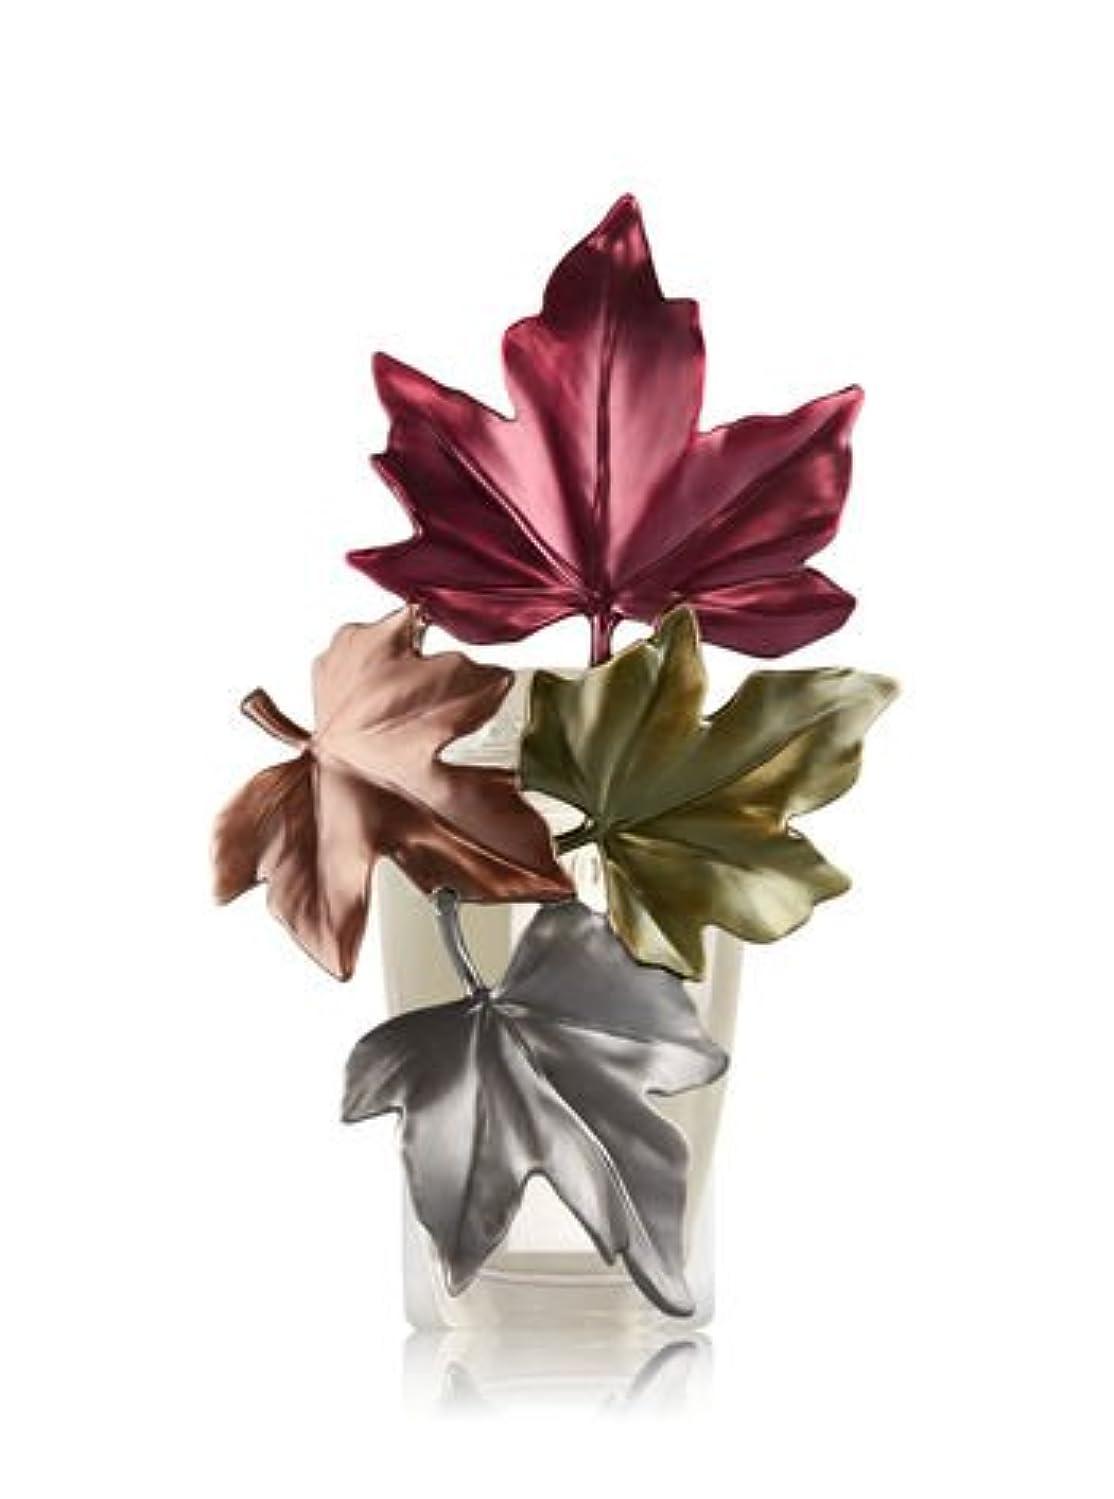 鎮痛剤干渉する保険をかける【Bath&Body Works/バス&ボディワークス】 ルームフレグランス プラグインスターター (本体のみ) ラージフォールリーブスナイトライト Wallflowers Fragrance Large Fall Leaves...